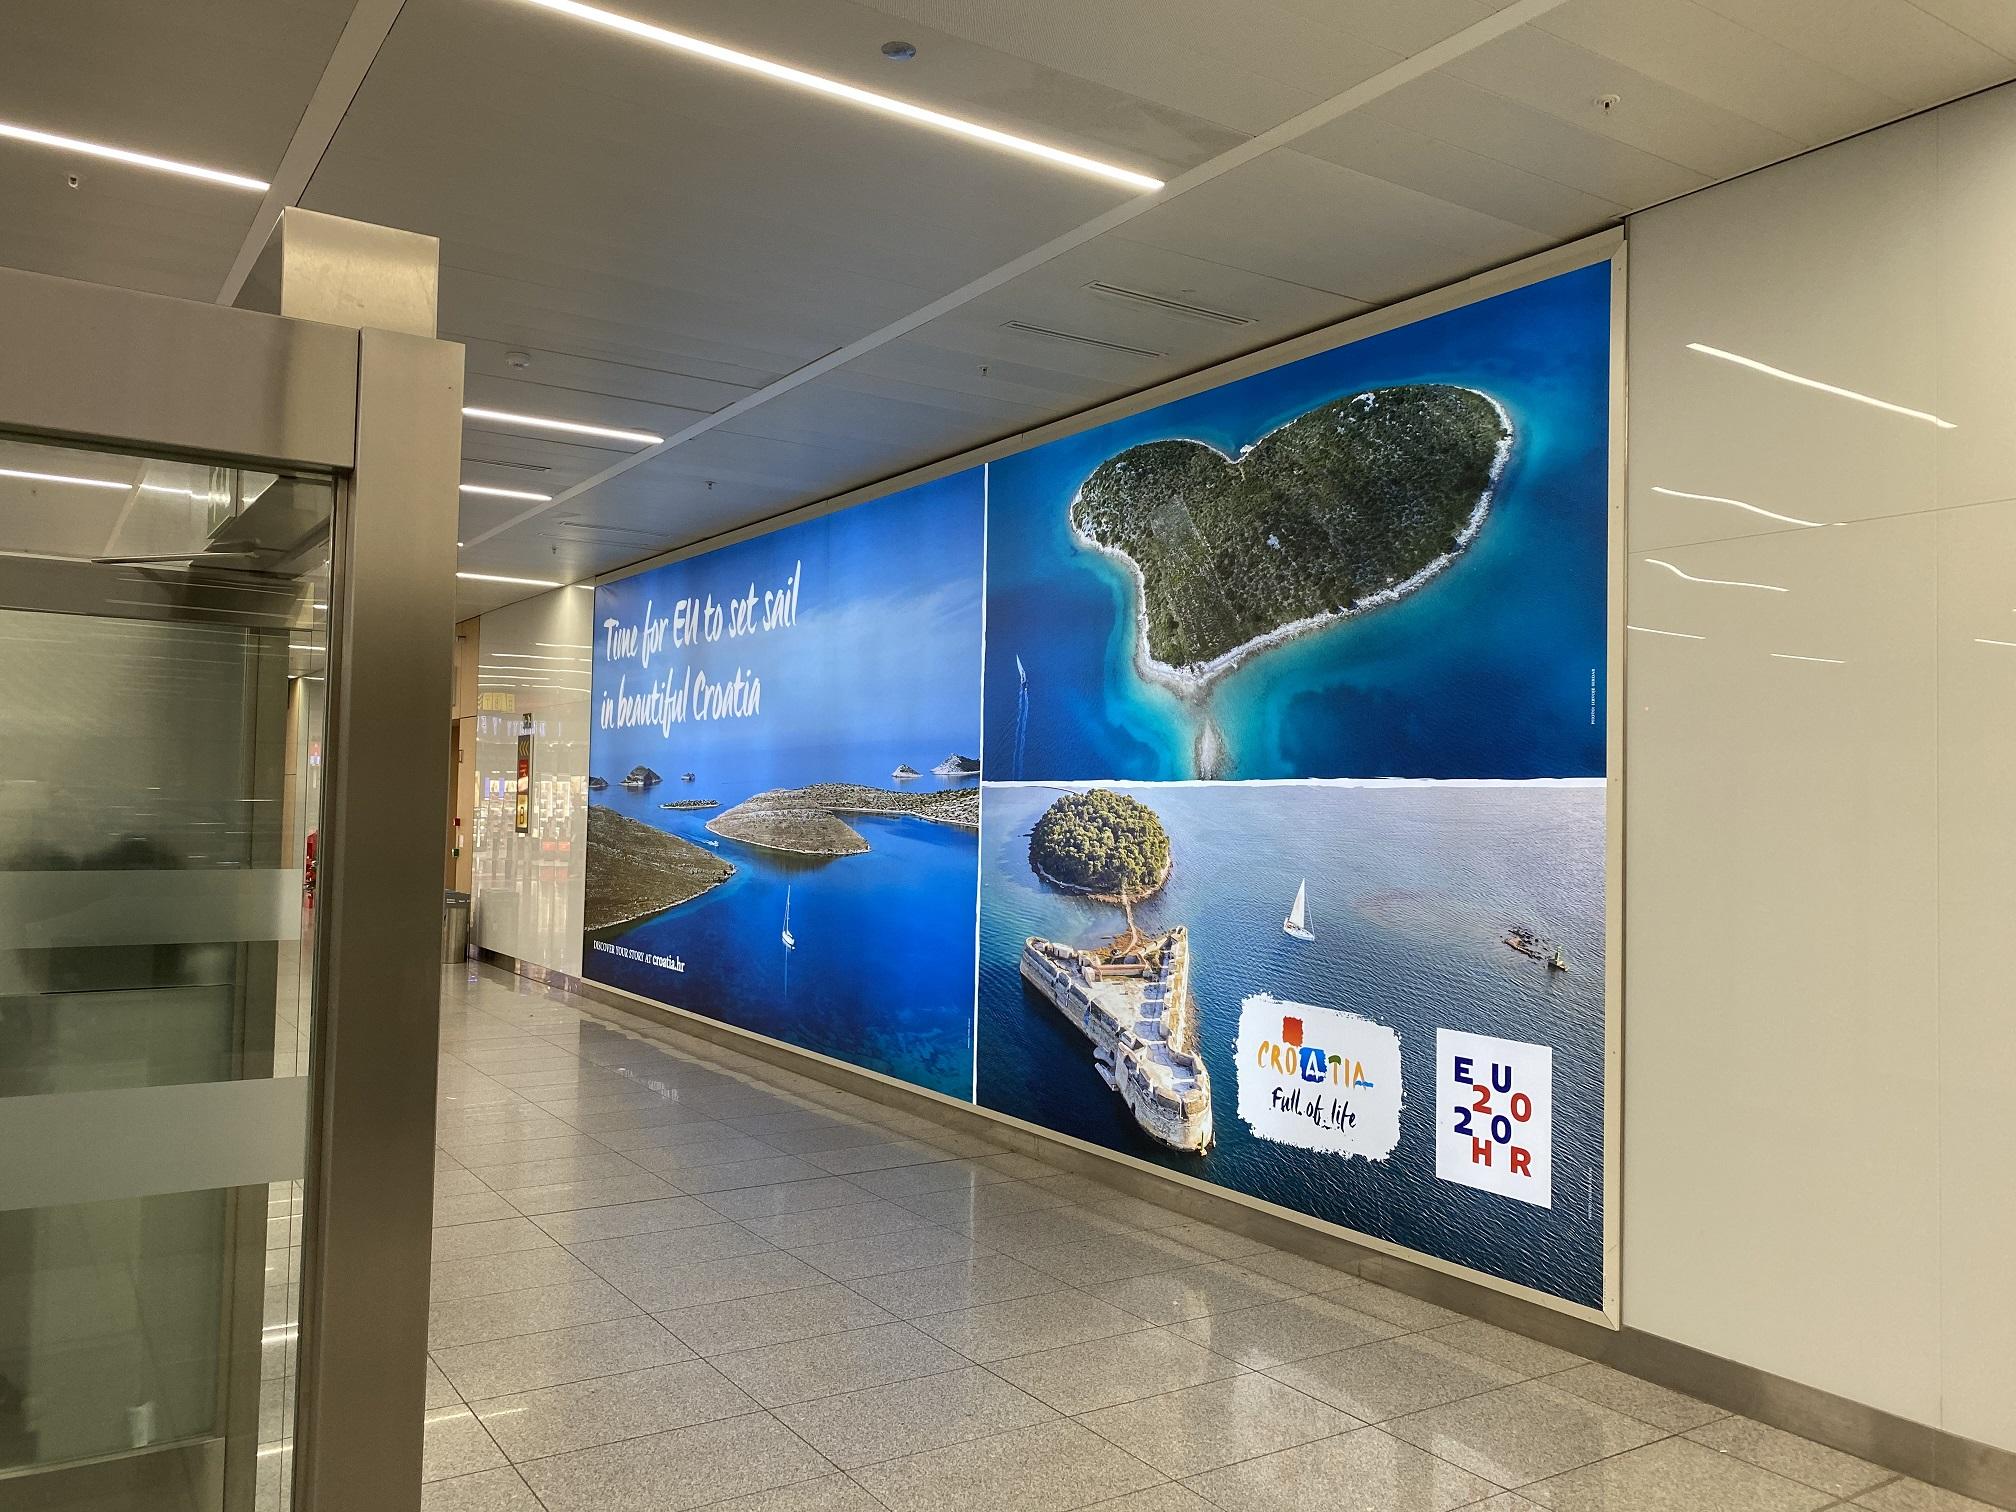 Motivi Hrvatske na najfrekventnijim lokacijama u Bruxellesu